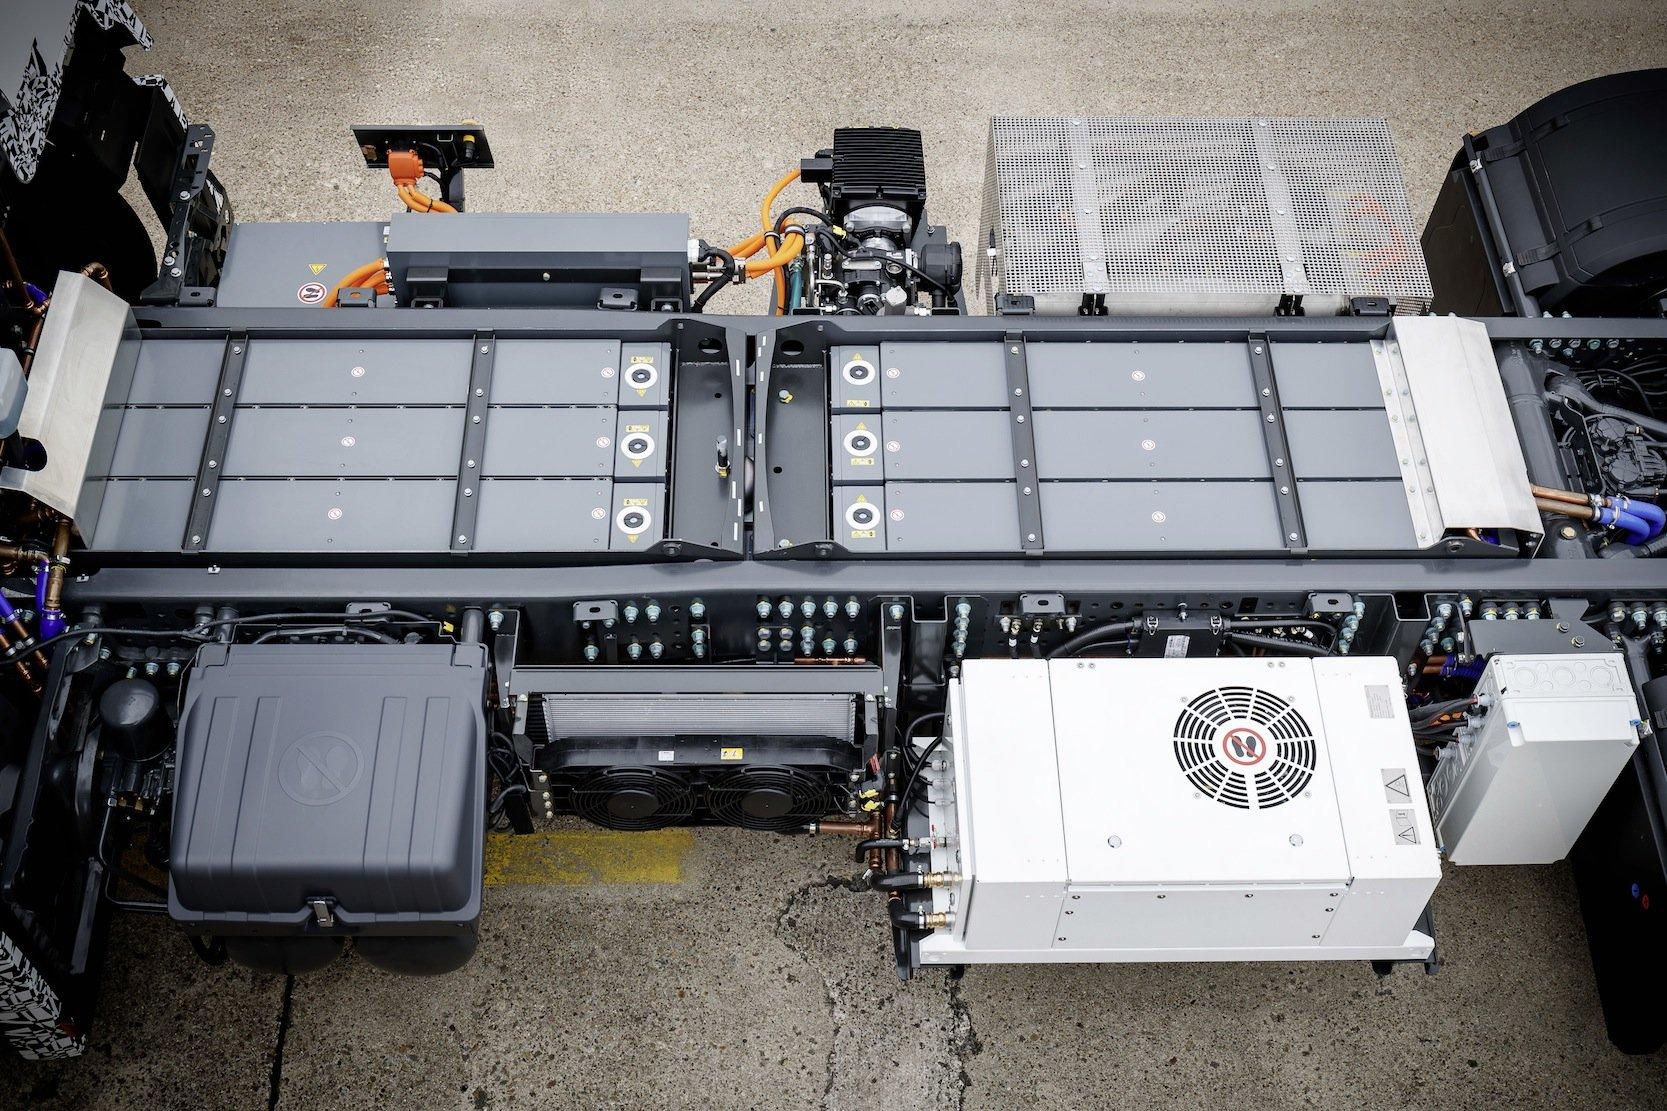 Die Batterie liegt gut geschützt in der Mitte des Lkw. Die Serienbatterie hat eineGesamtkapazität von 212 kWh. Sie ist modular aufgebaut und kann auch noch vergrößert werden für größere Reichweiten.